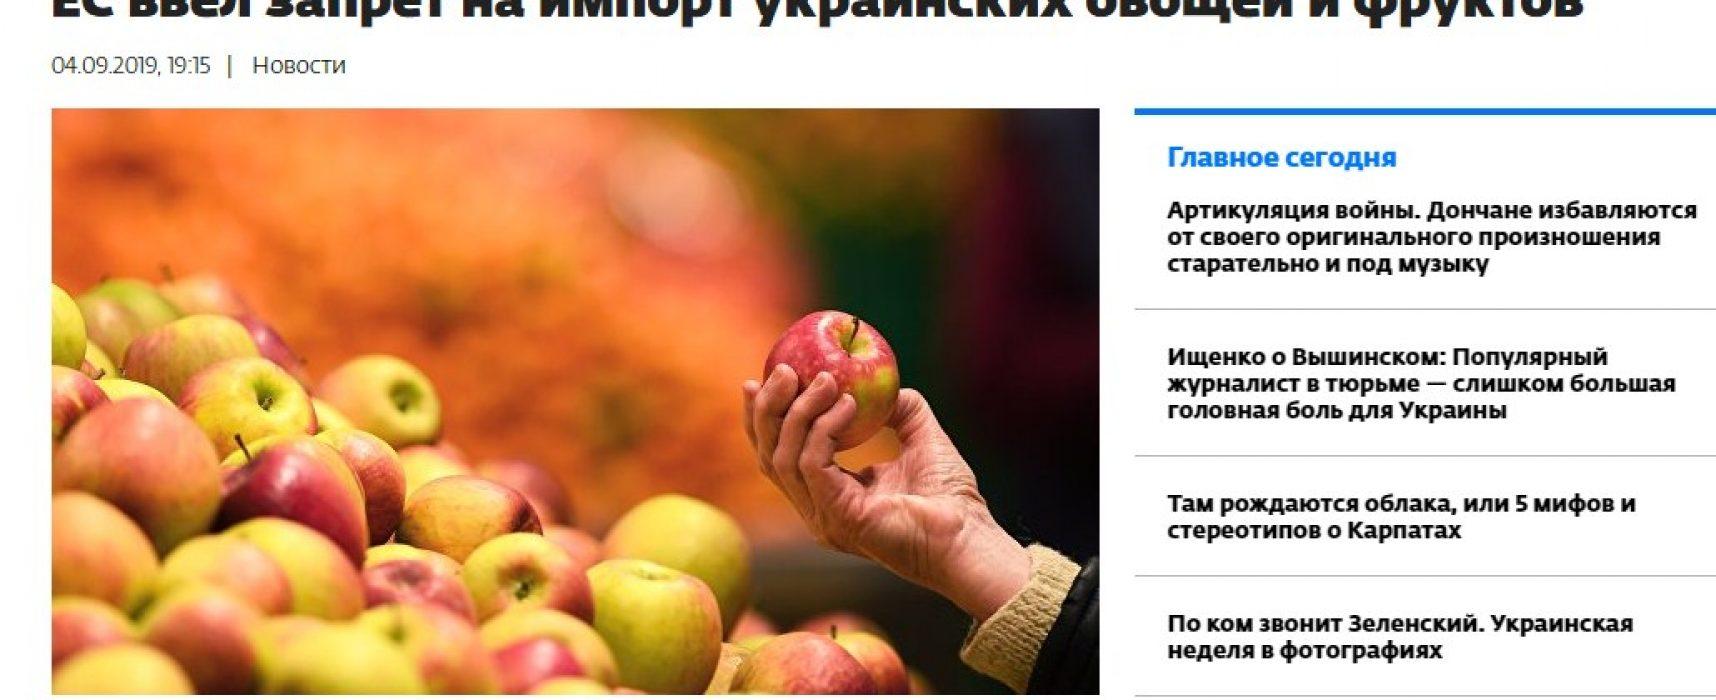 Manipulacija: EU zabranila uvoz voca i povrca iz Ukrajine